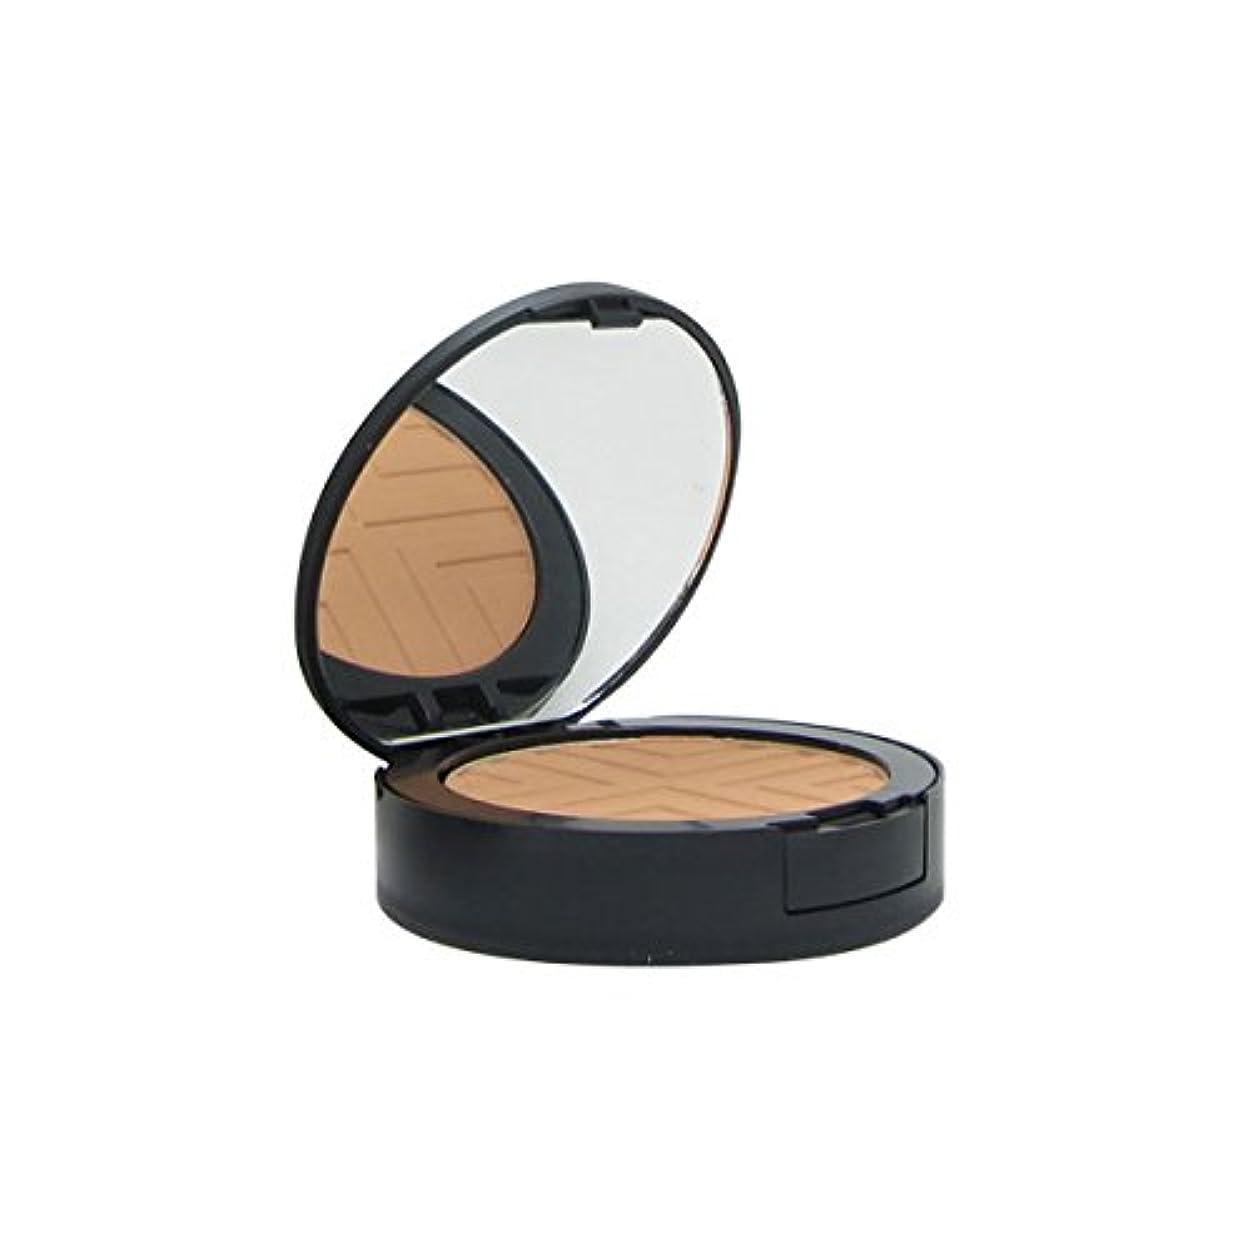 ジム上院議員腹Vichy Dermablend Covermatte Compact Powder Foundation 55 Bronze 9,5g [並行輸入品]